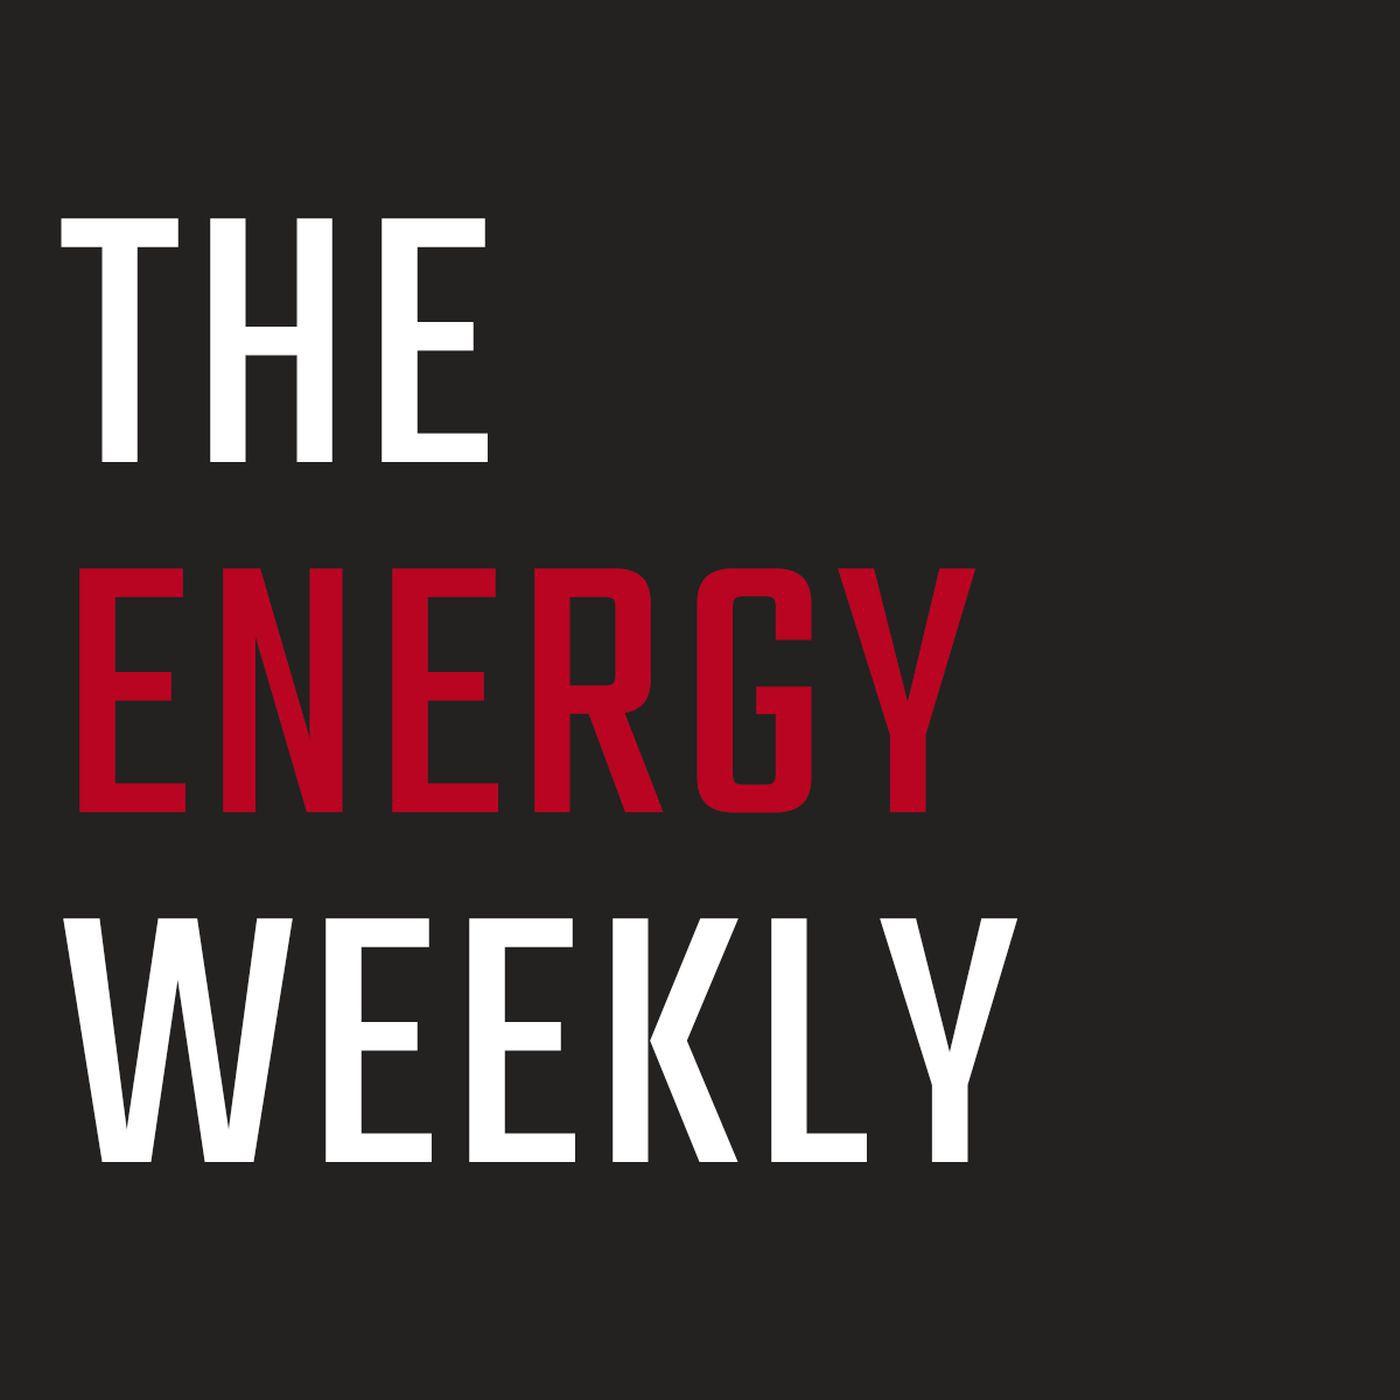 The Energy Weekly